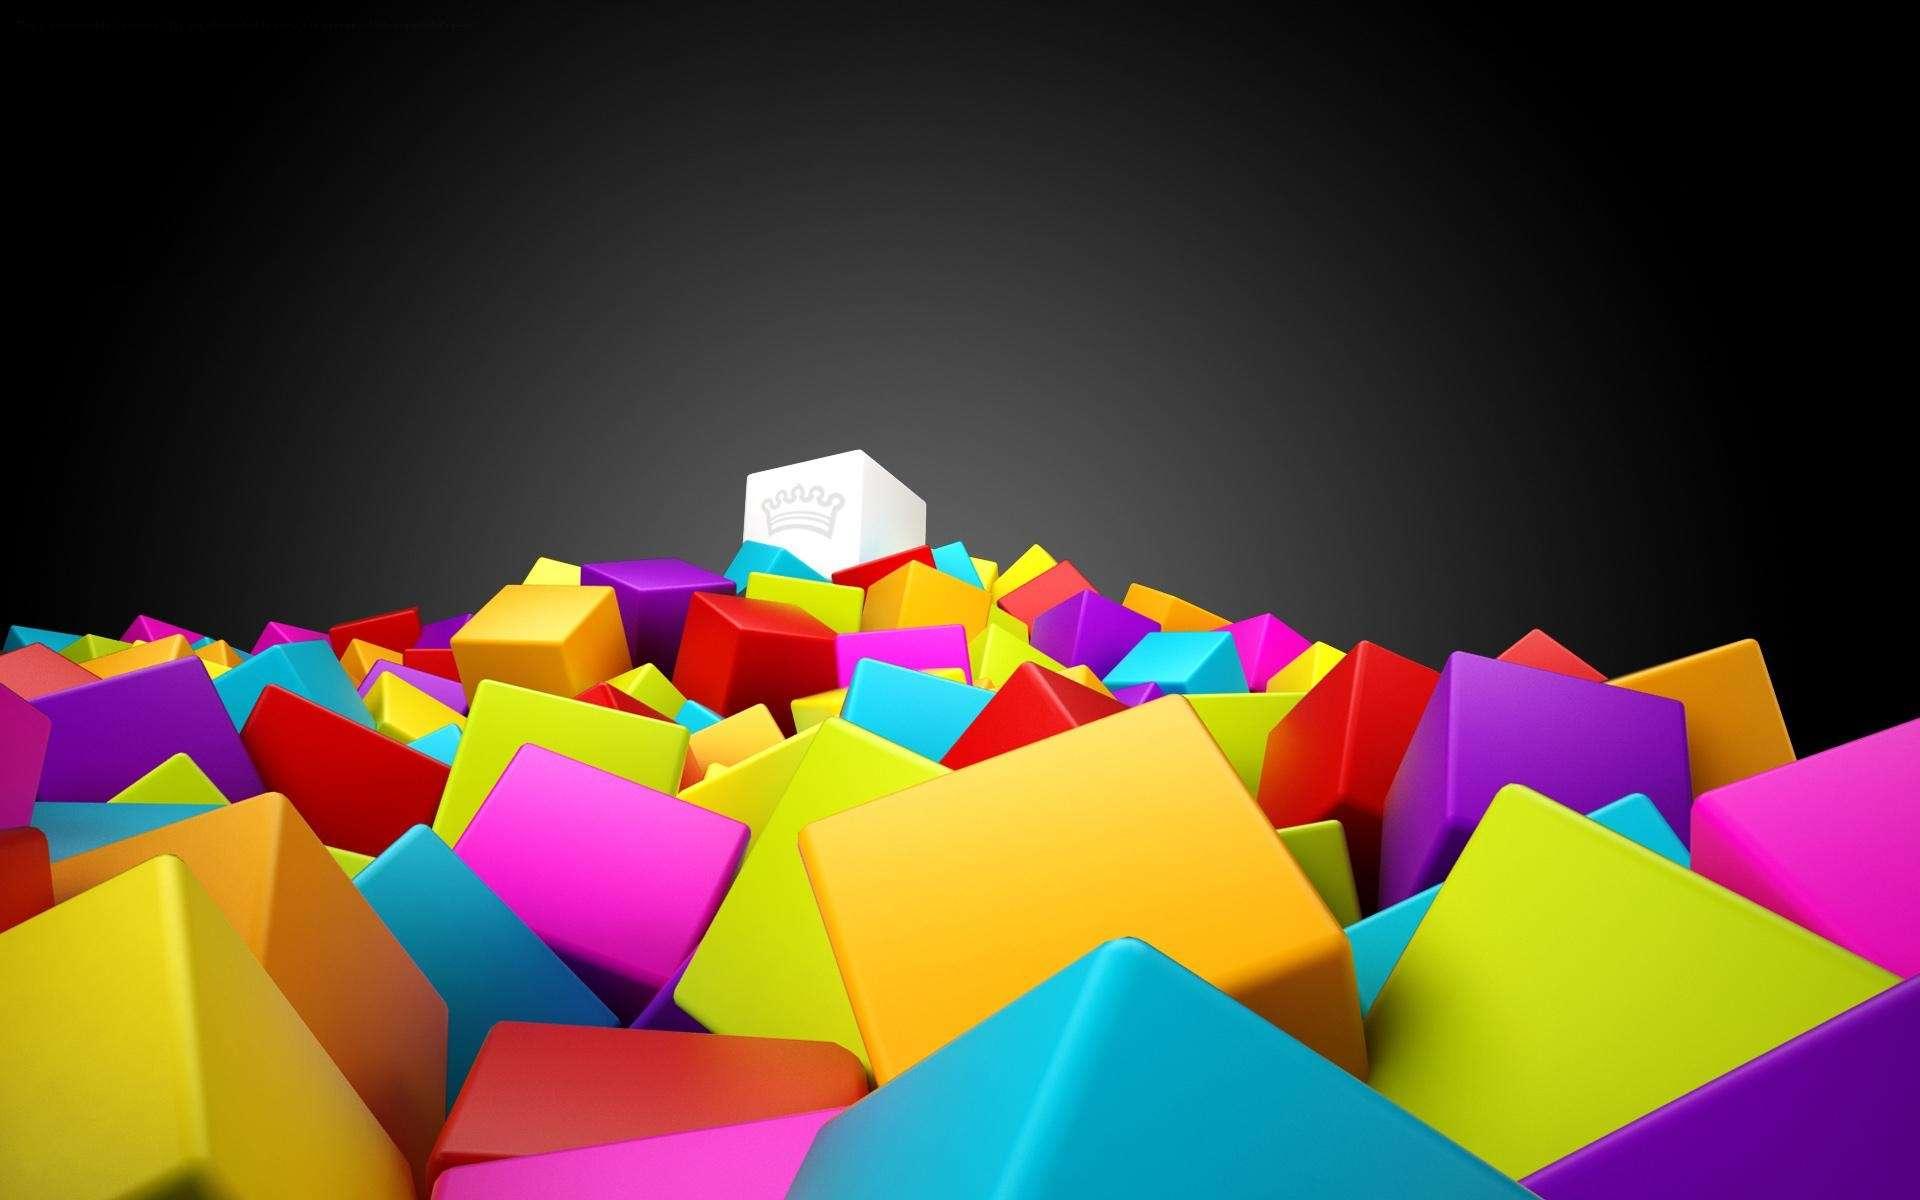 بالصور خلفيات ثلاثية الابعاد , اجمل الخلفيات الثلاثيه الابعاد 5038 3